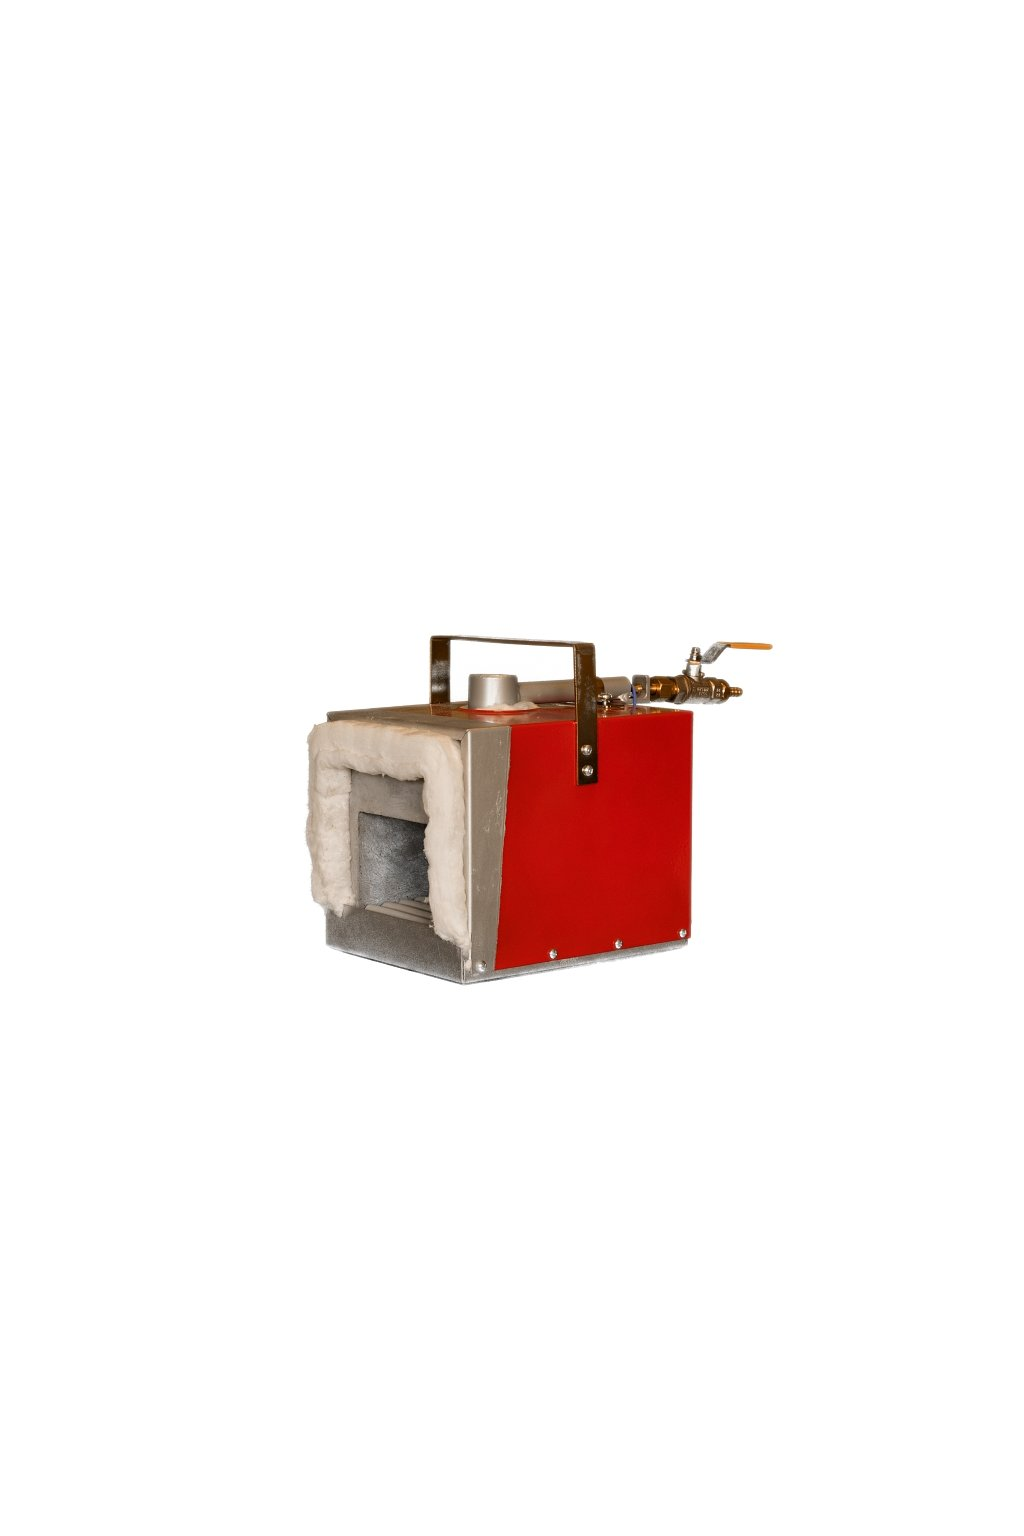 Kovářská výheň plynová VKP HOBBY